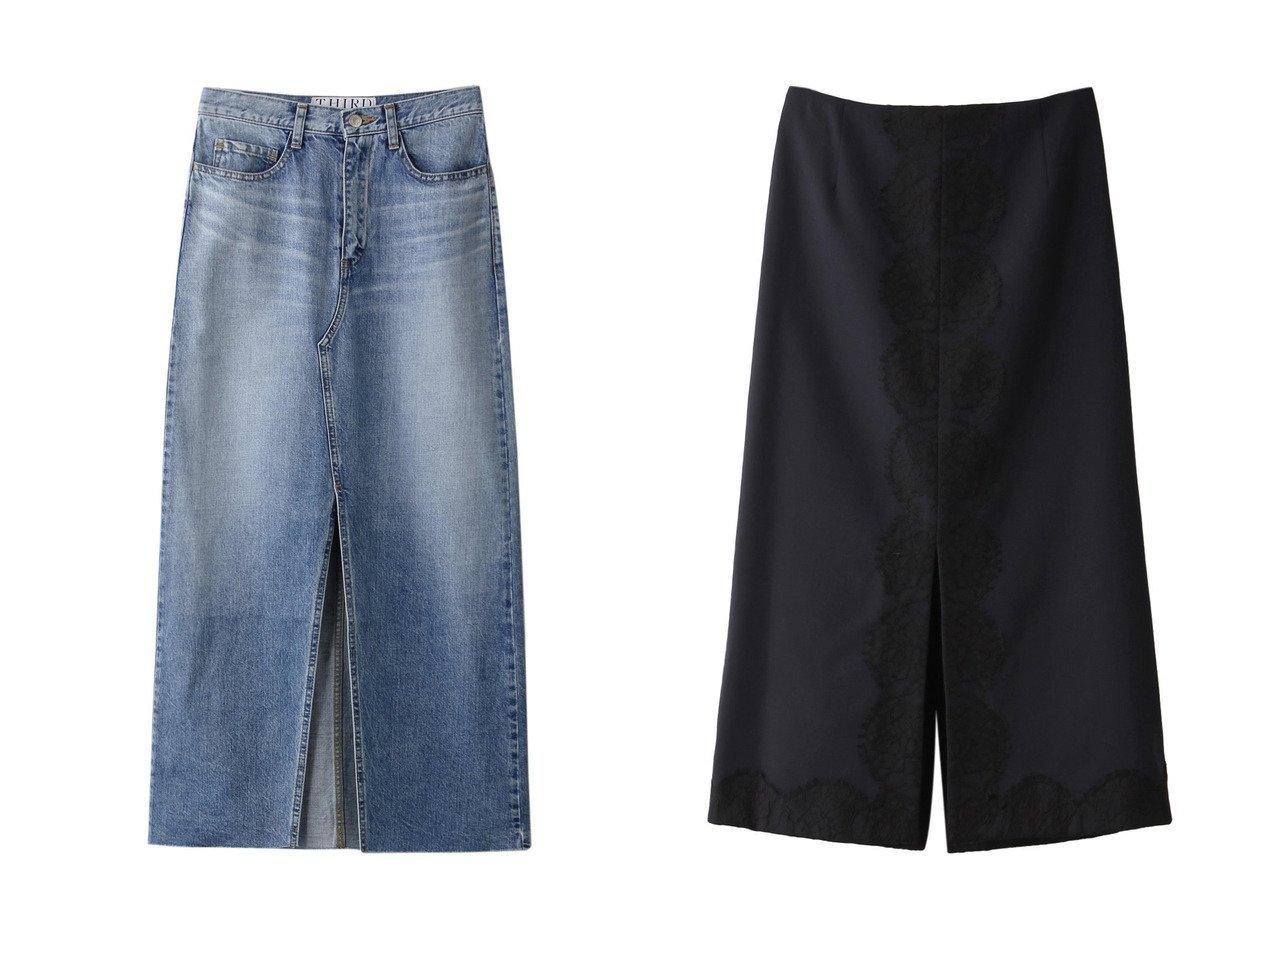 【THIRD MAGAZINE/サードマガジン】のデニムロングスカート&ウールギャバジンレーススカート 【スカート】おすすめ!人気、トレンド・レディースファッションの通販 おすすめで人気の流行・トレンド、ファッションの通販商品 インテリア・家具・メンズファッション・キッズファッション・レディースファッション・服の通販 founy(ファニー) https://founy.com/ ファッション Fashion レディースファッション WOMEN スカート Skirt ロングスカート Long Skirt インディゴ スリット フロント ブリーチ ロング |ID:crp329100000072097